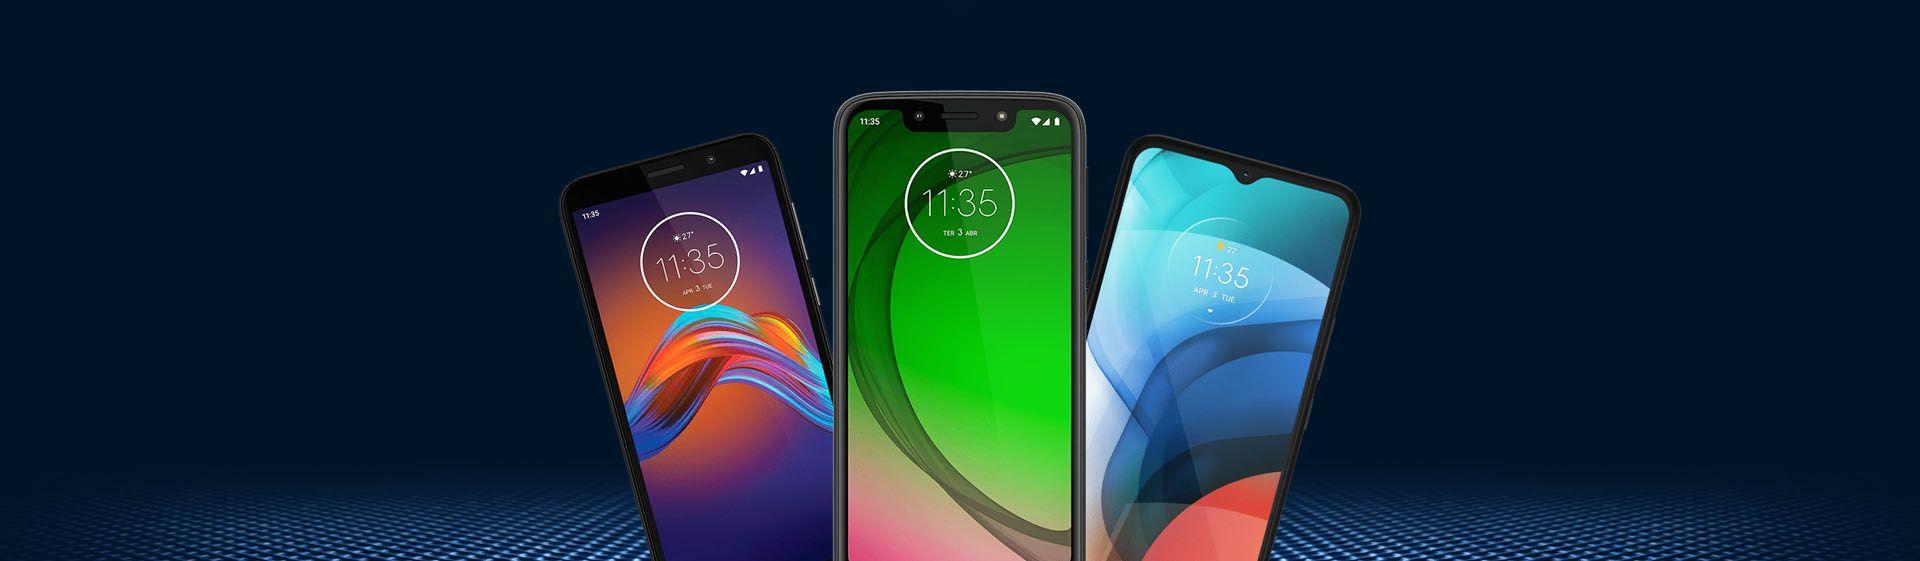 Celular Motorola barato: modelos por até R$ 1.000 em 2021